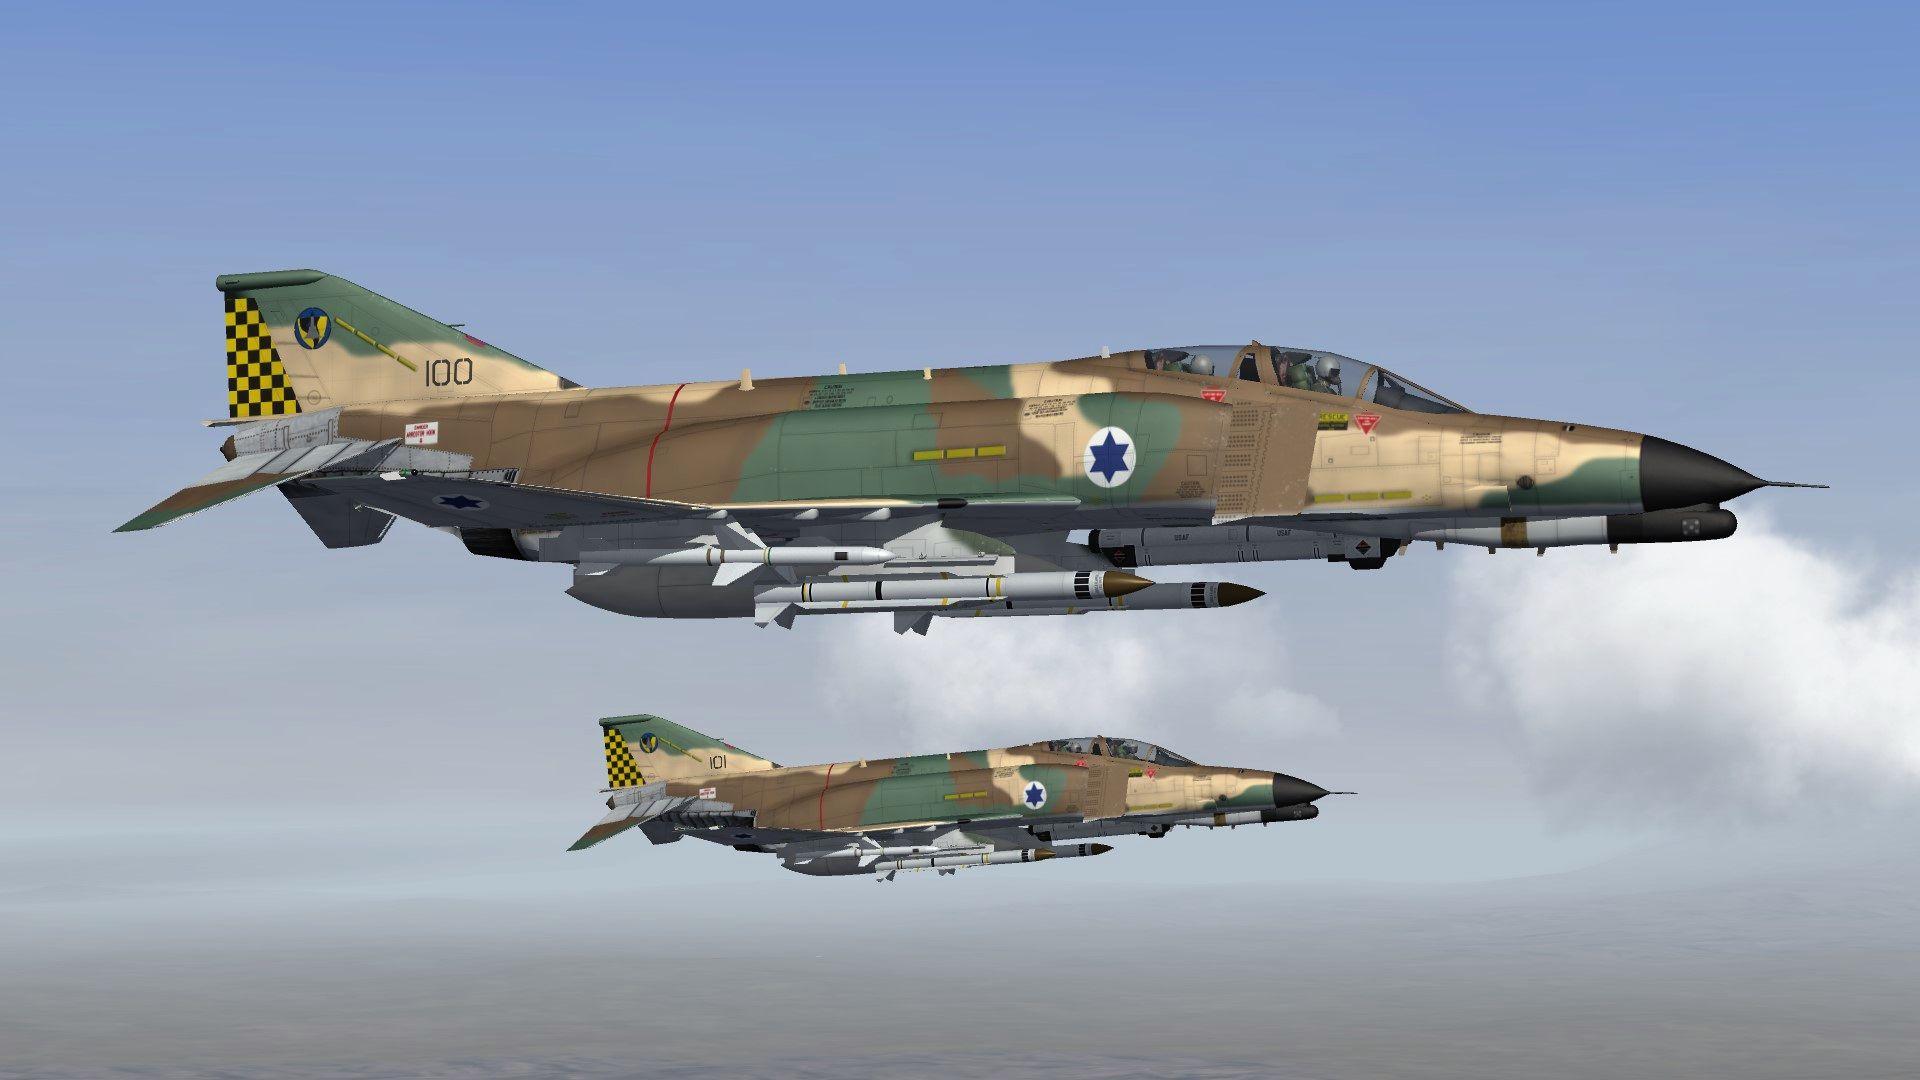 IDF%20F-4G%20PHANTOM.04_zpssizy0ne2.jpg